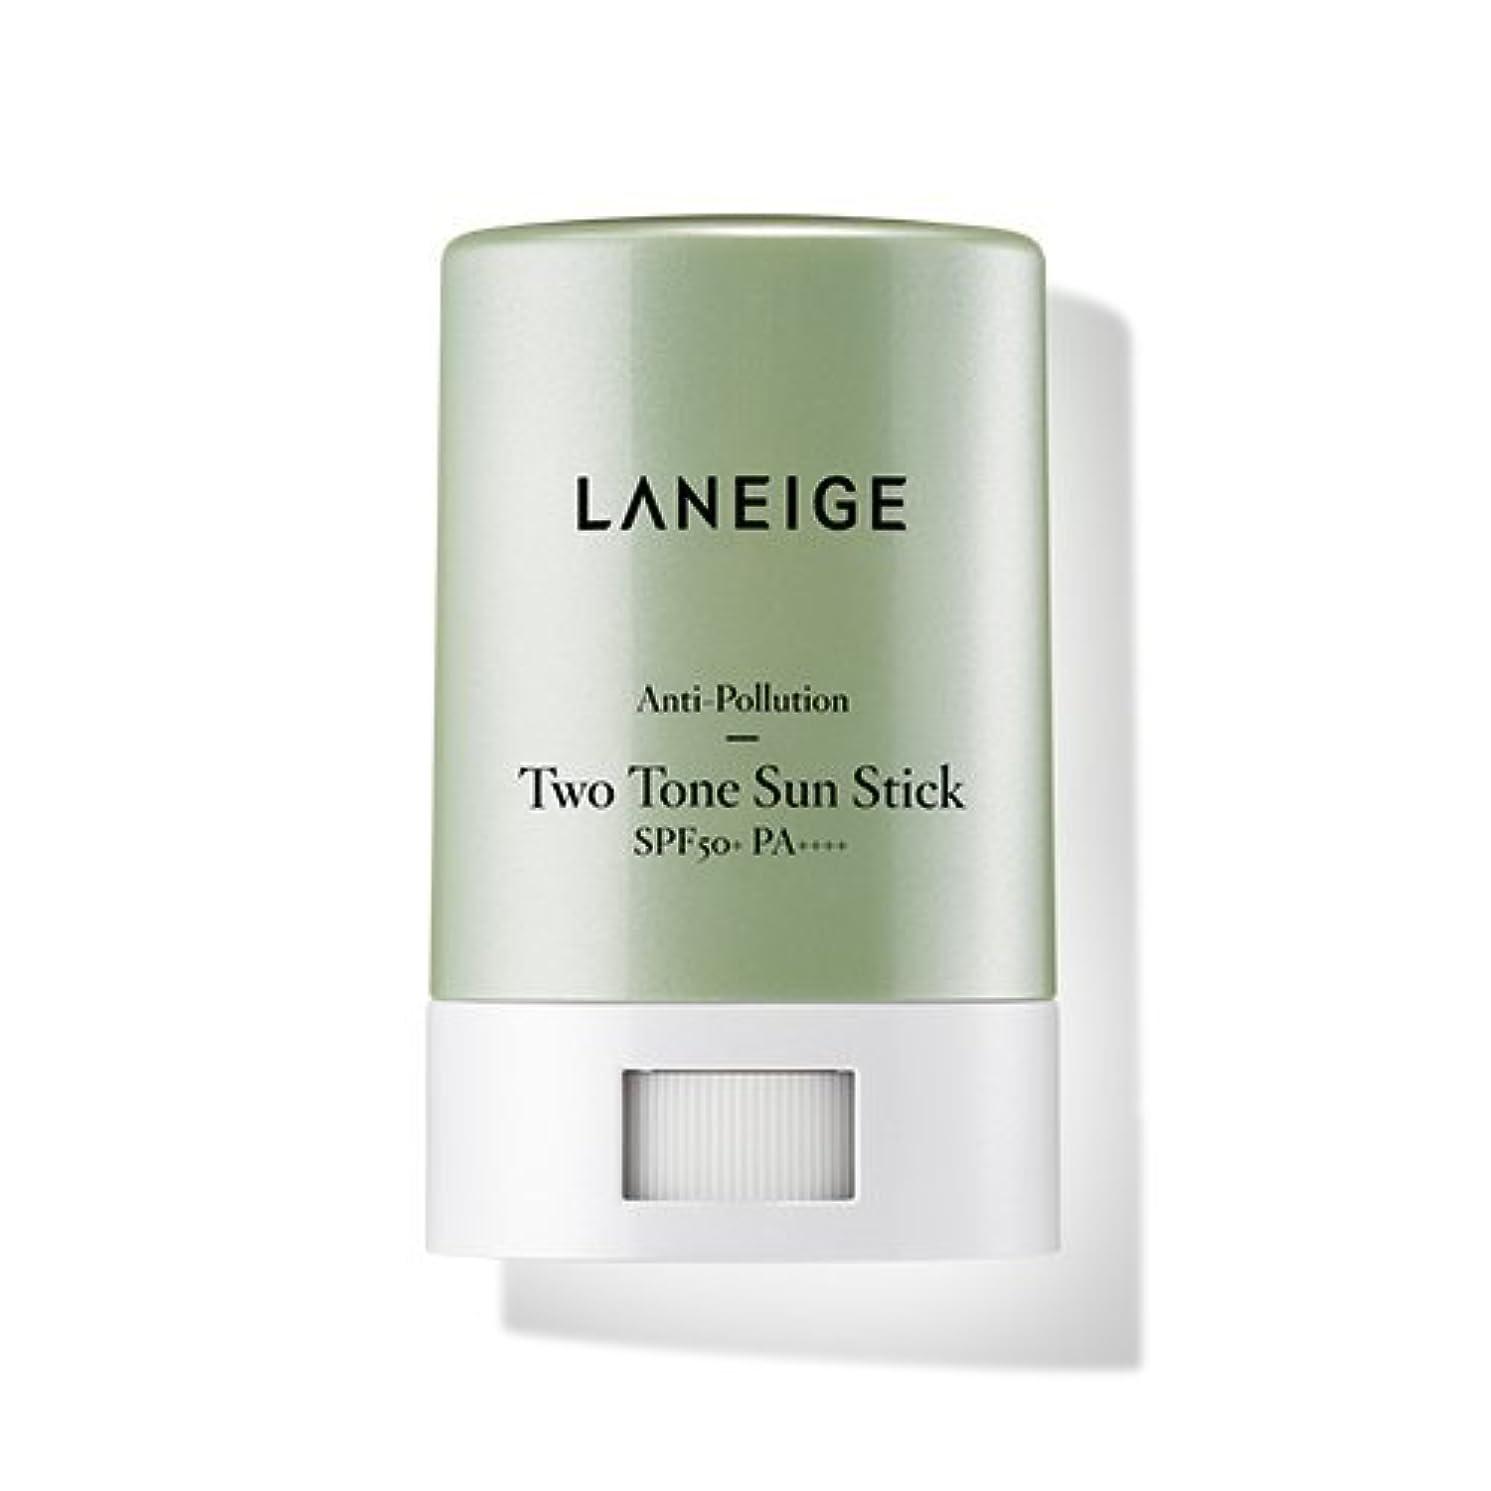 酸素好きである哀ラネージュ(LANEIGE) アンチポリューション?サンスティック Anti-Pollution Sun Stick SPF50 PA++++ 18g